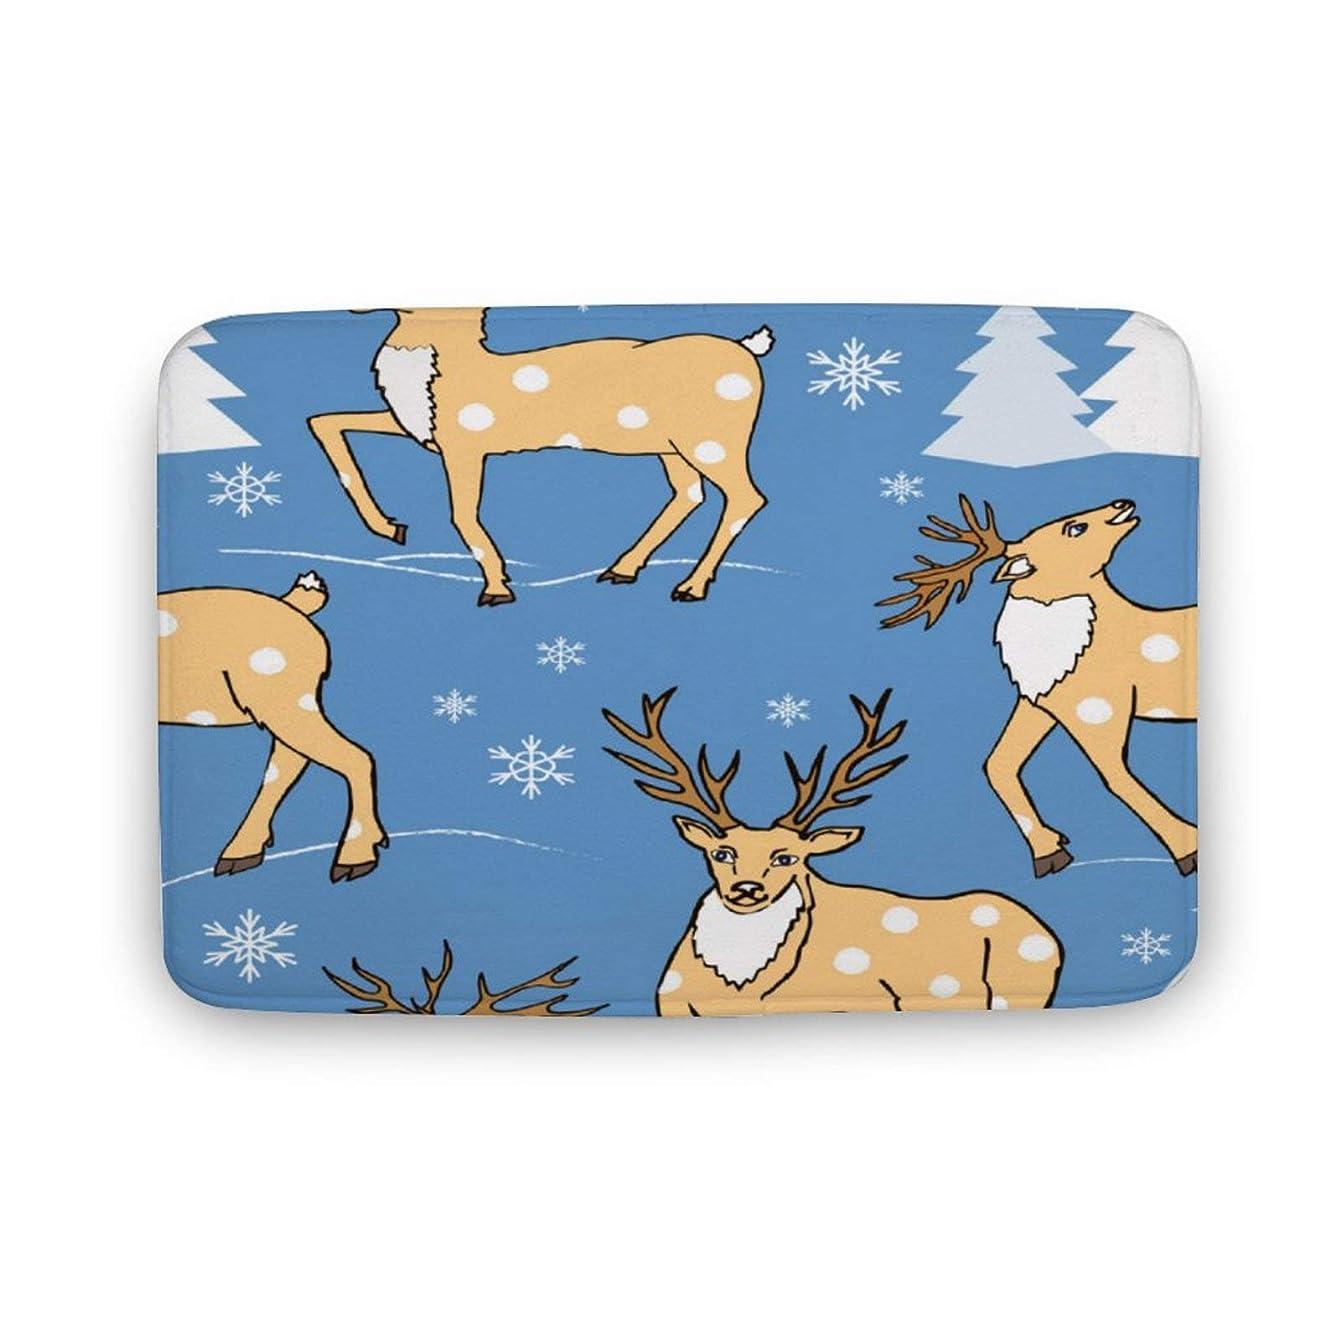 ギャザー肖像画上に築きます冬の森とかわいい鹿 ノンスリップドアマット敷物床マット屋内屋外寝室リビングルームキッチン 2サイズ